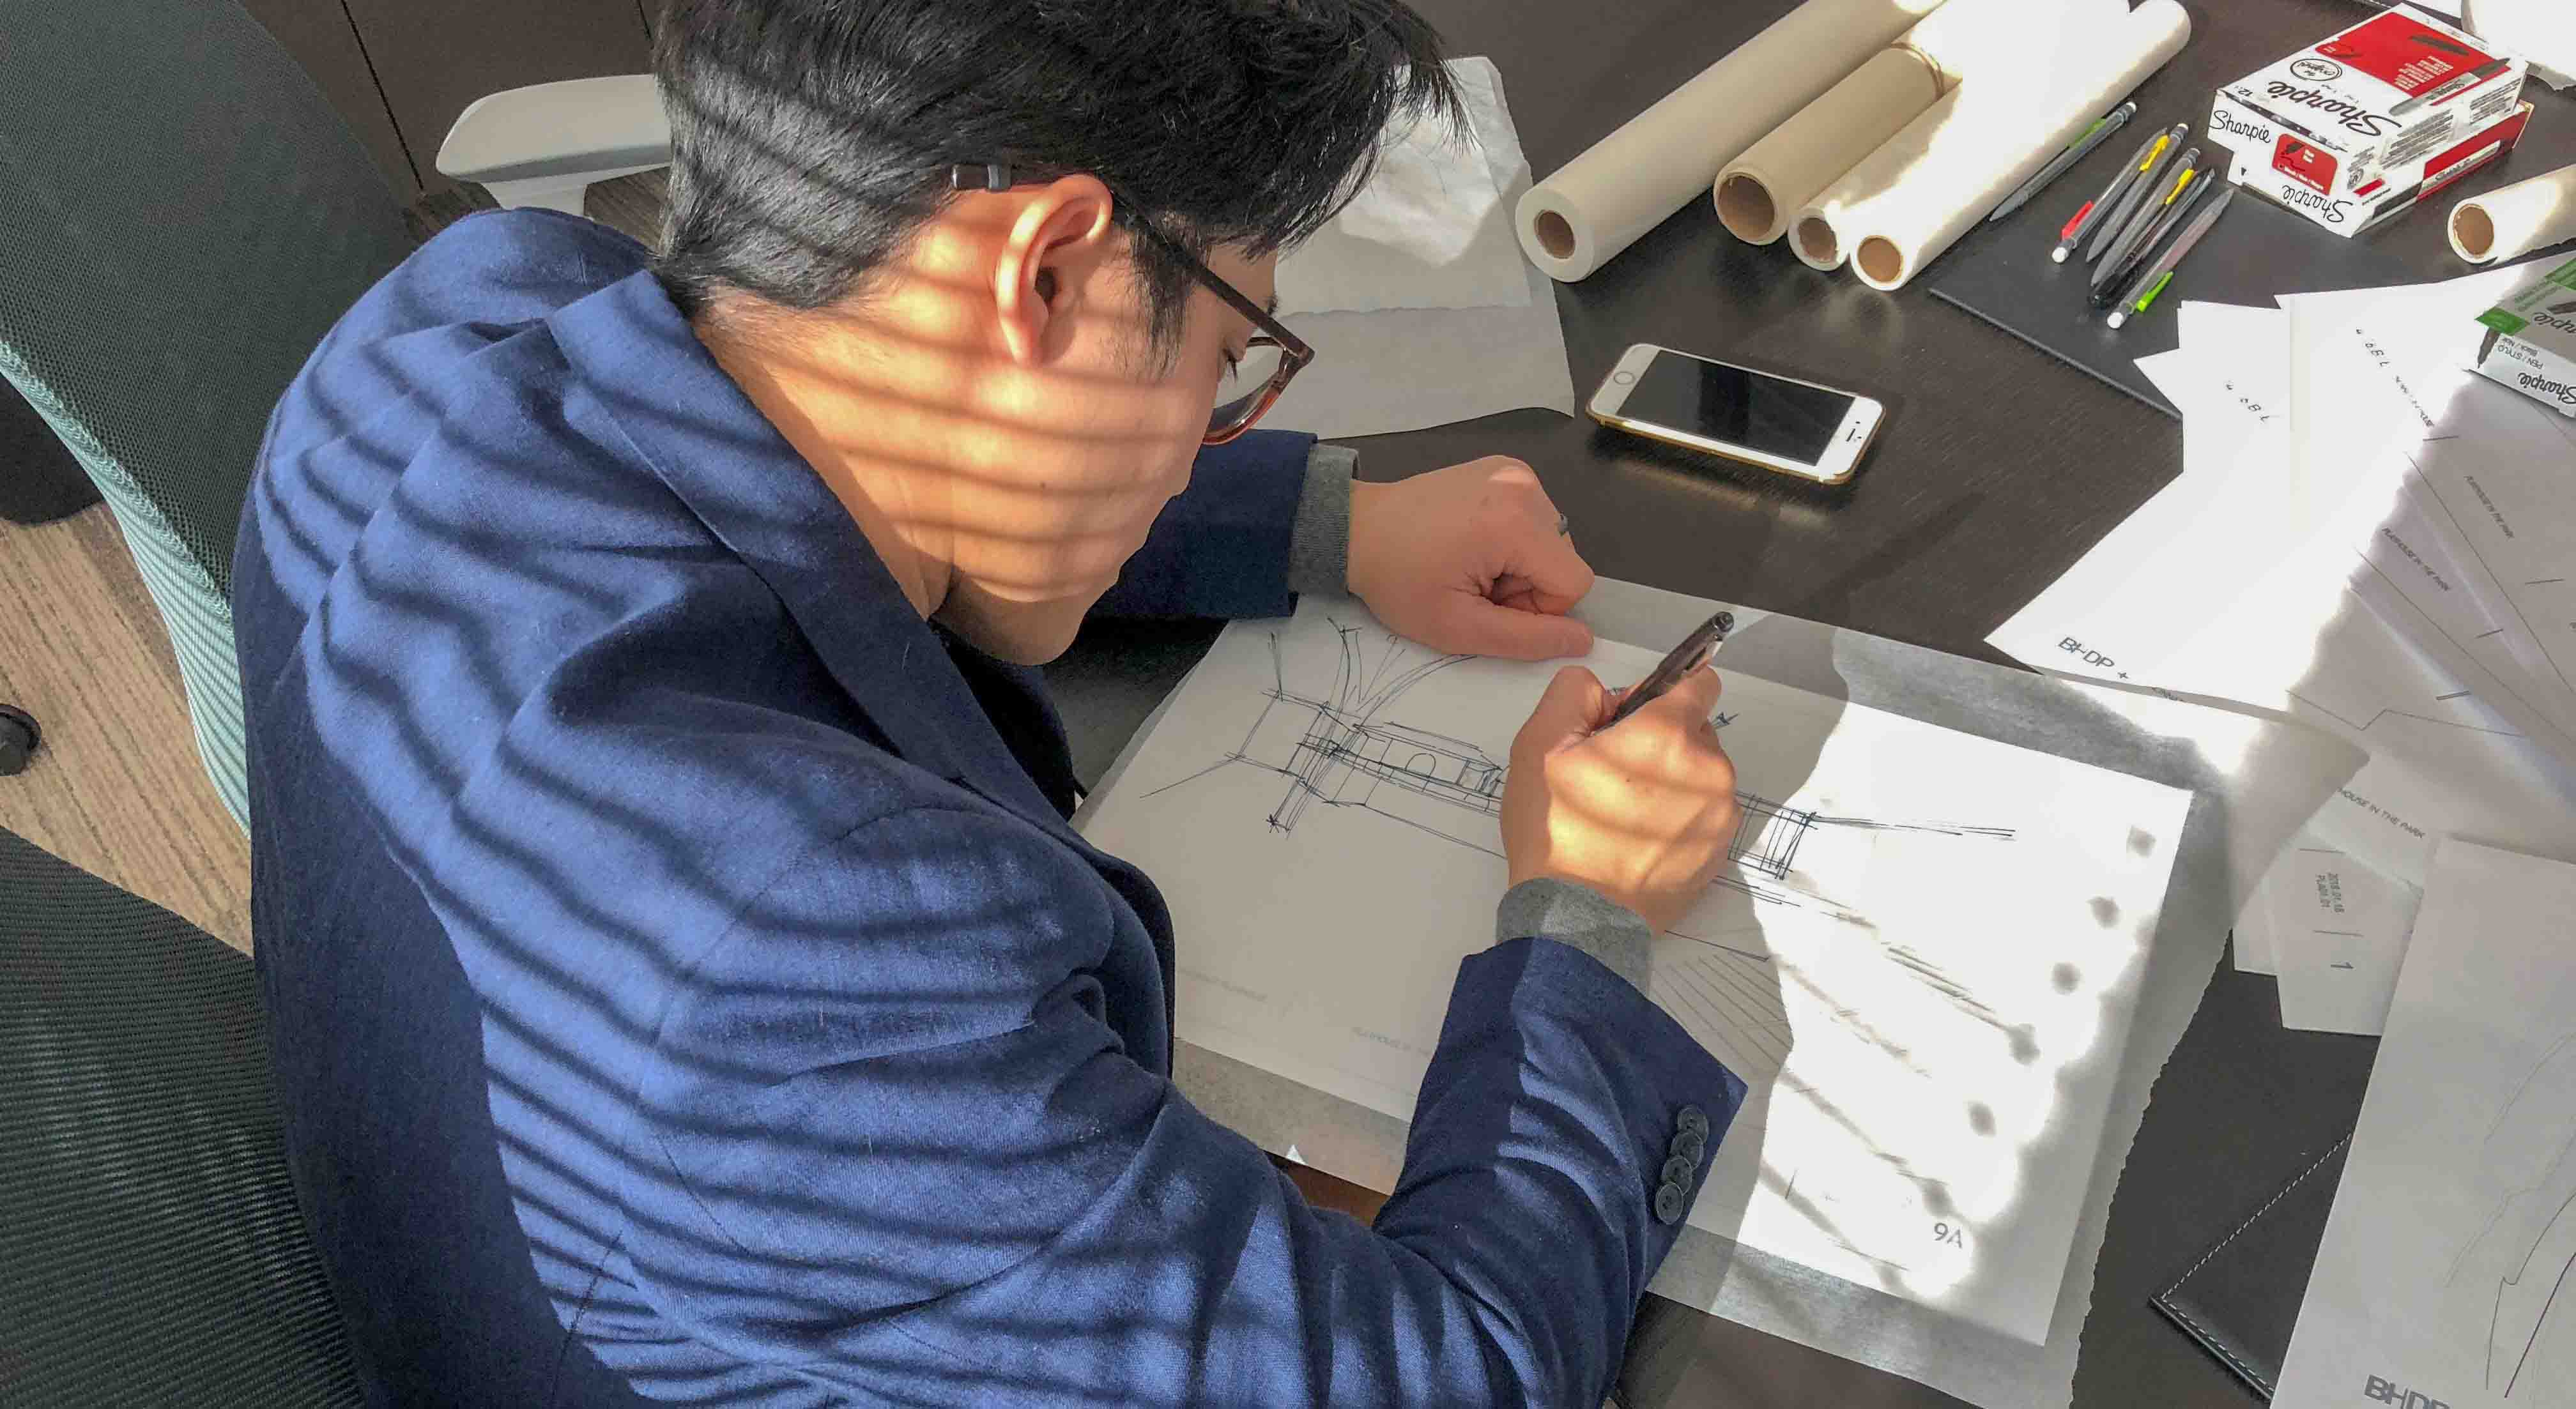 Minh Vu sketching on paper